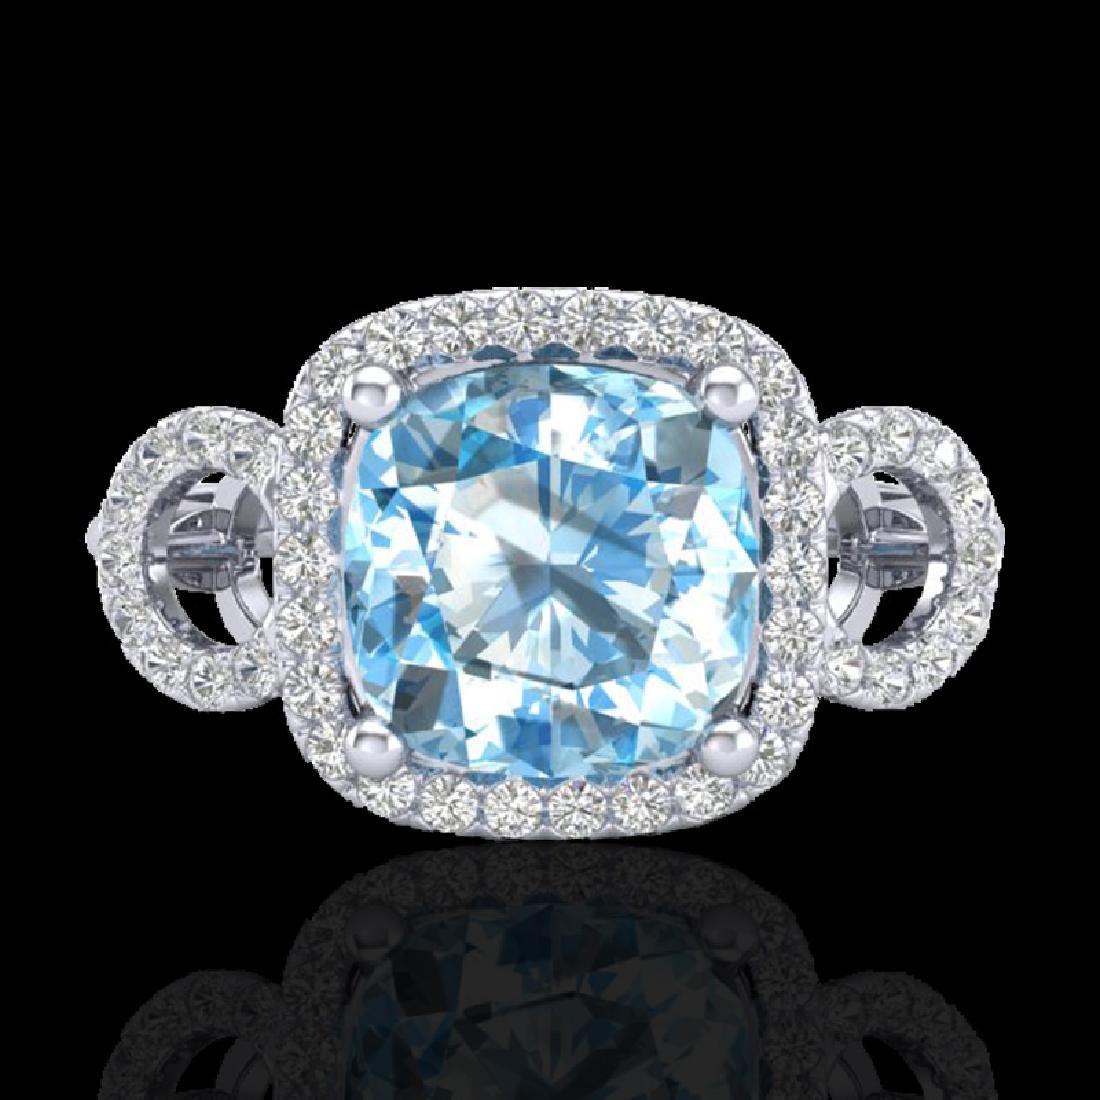 3.75 CTW Topaz & Micro VS/SI Diamond Ring 18K White